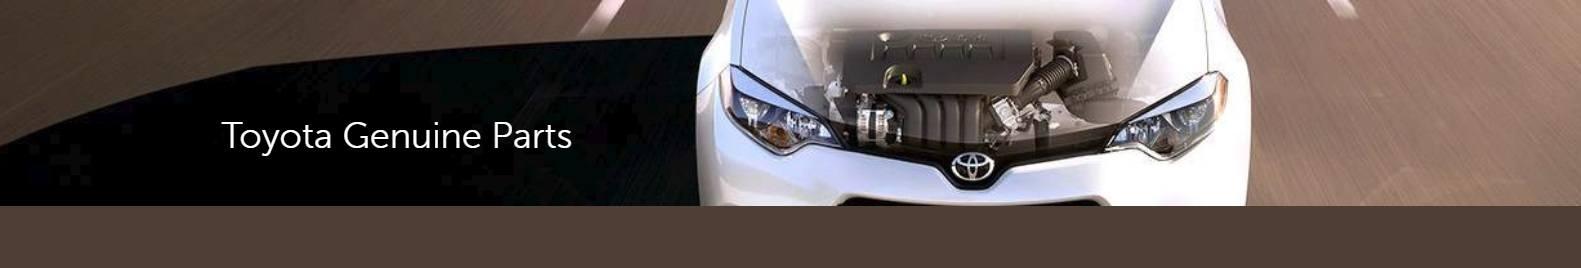 Toyota Genuine Parts Header